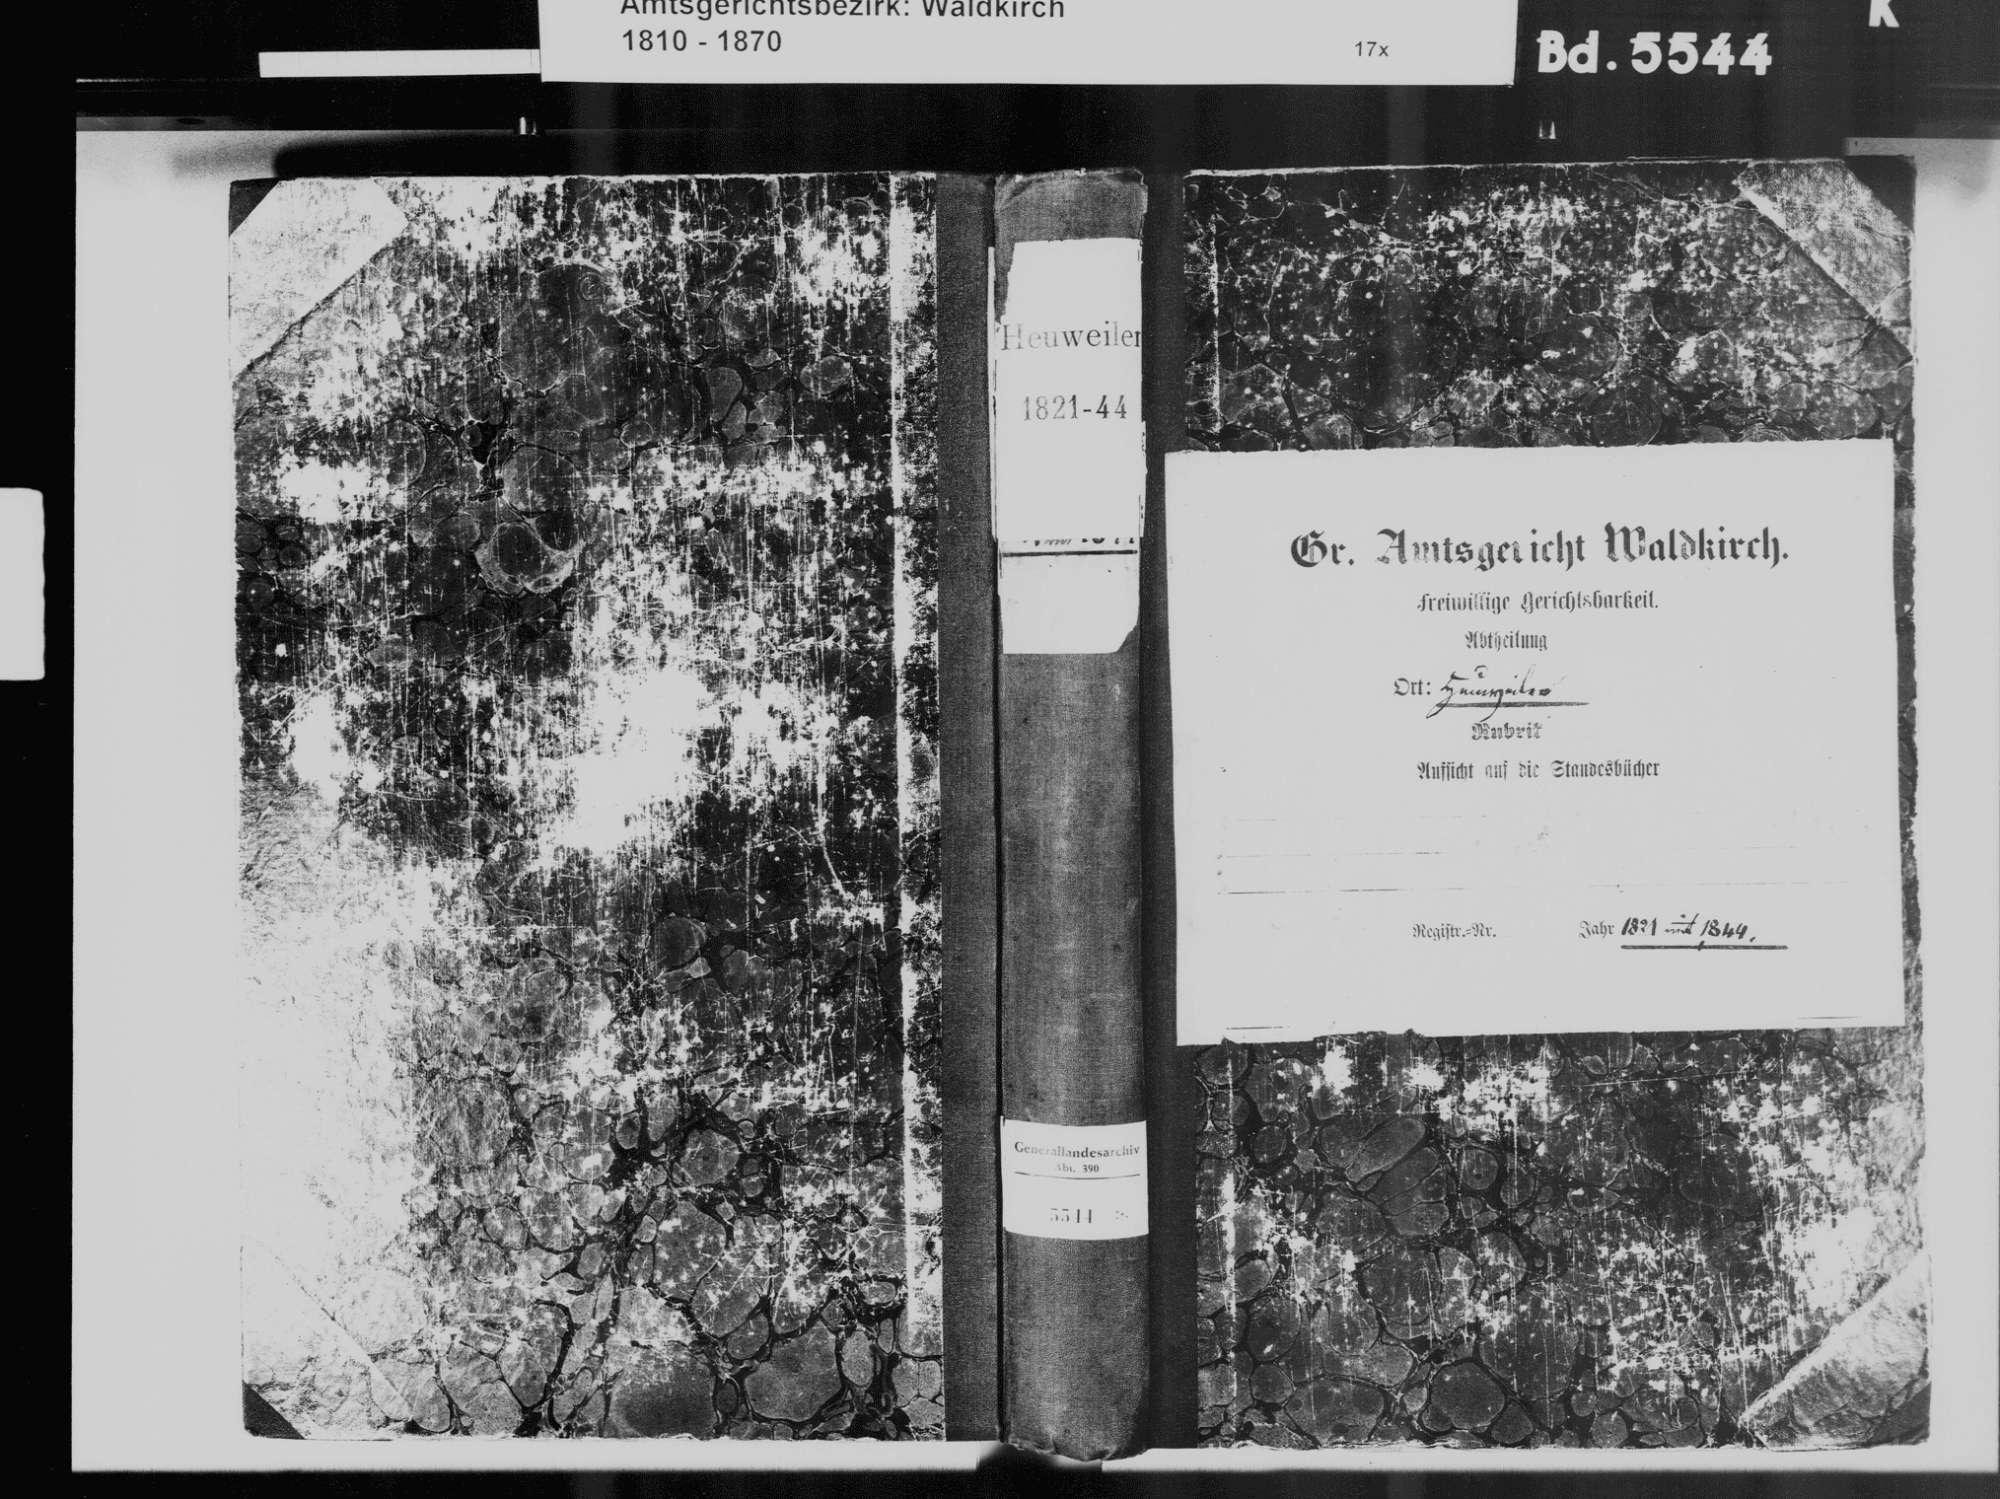 Heuweiler FR; Katholische Gemeinde: Standesbuch 1821-1844, Bild 2